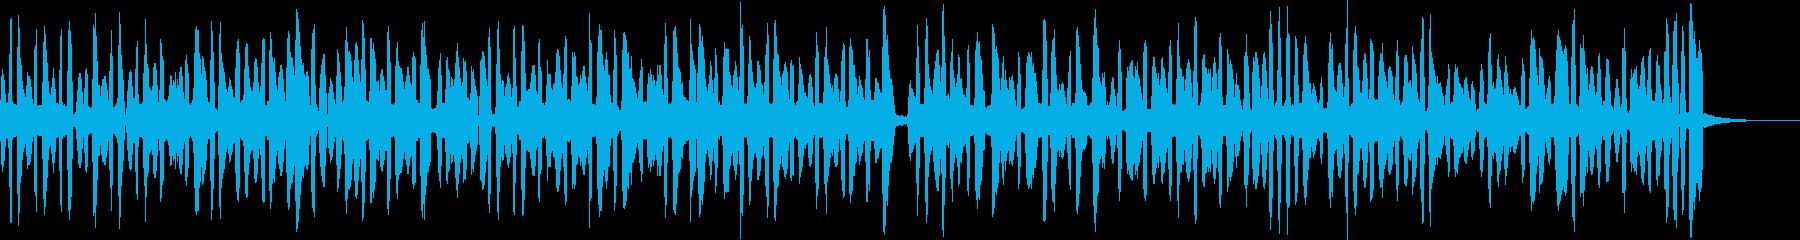 紙芝居の伴奏-3拍子-の再生済みの波形